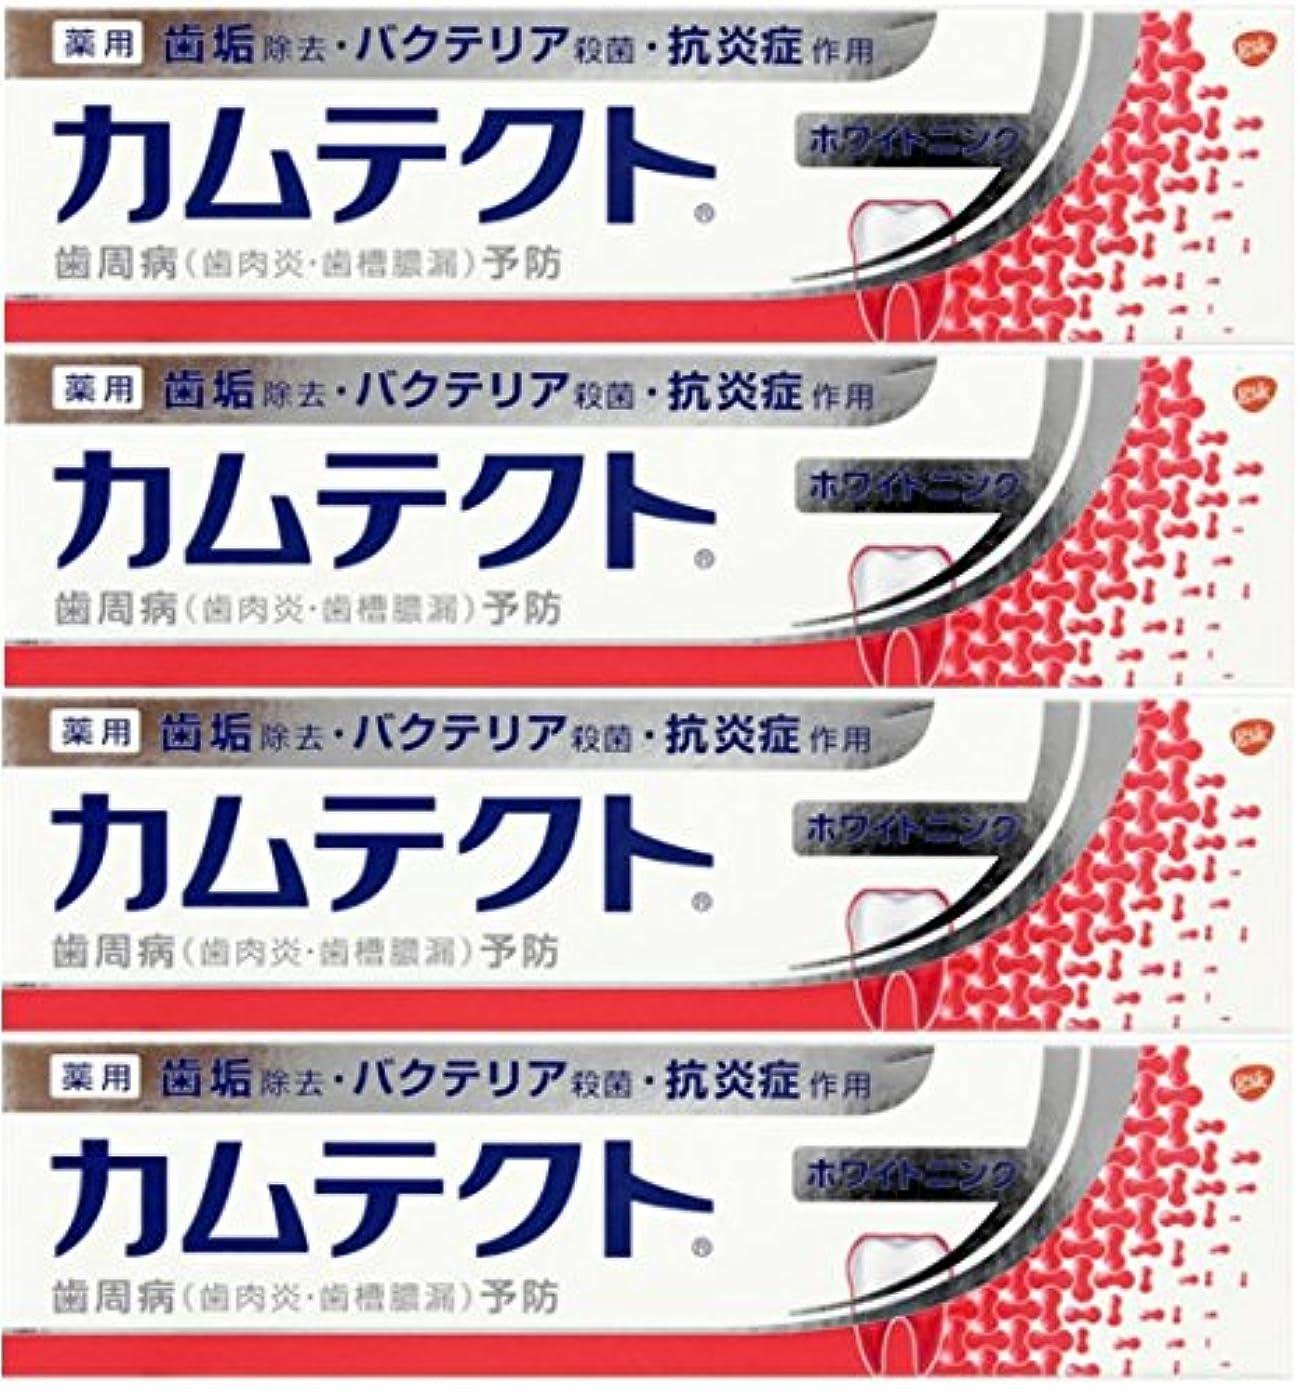 酸度コントロールに渡って【まとめ買い】カムテクト ホワイトニング 歯周病(歯肉炎?歯槽膿漏) 予防 歯みがき粉 105g×4個